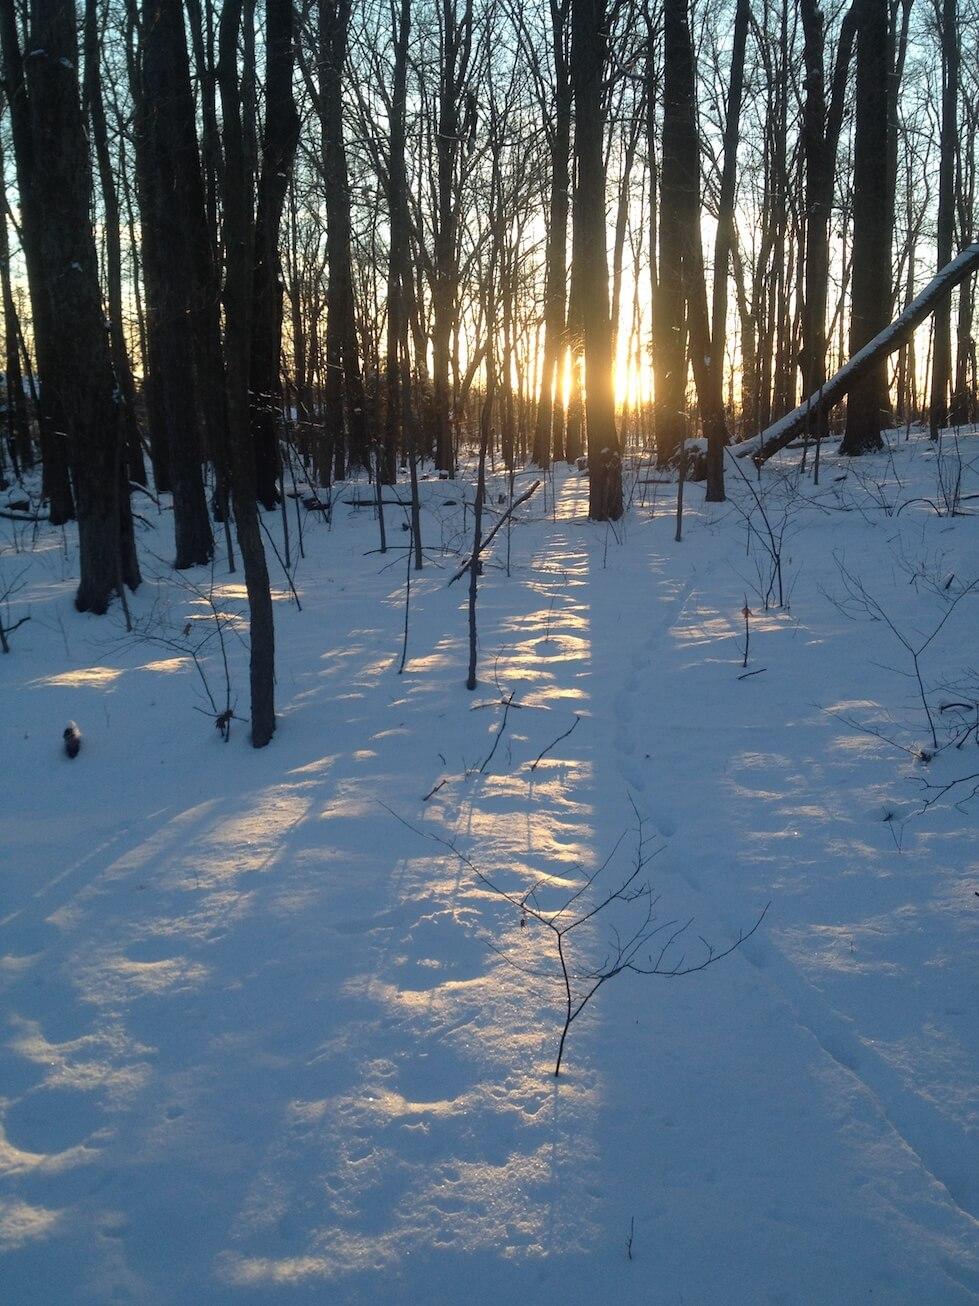 Winter in Ohio, photo courtesy Lauren Smith.